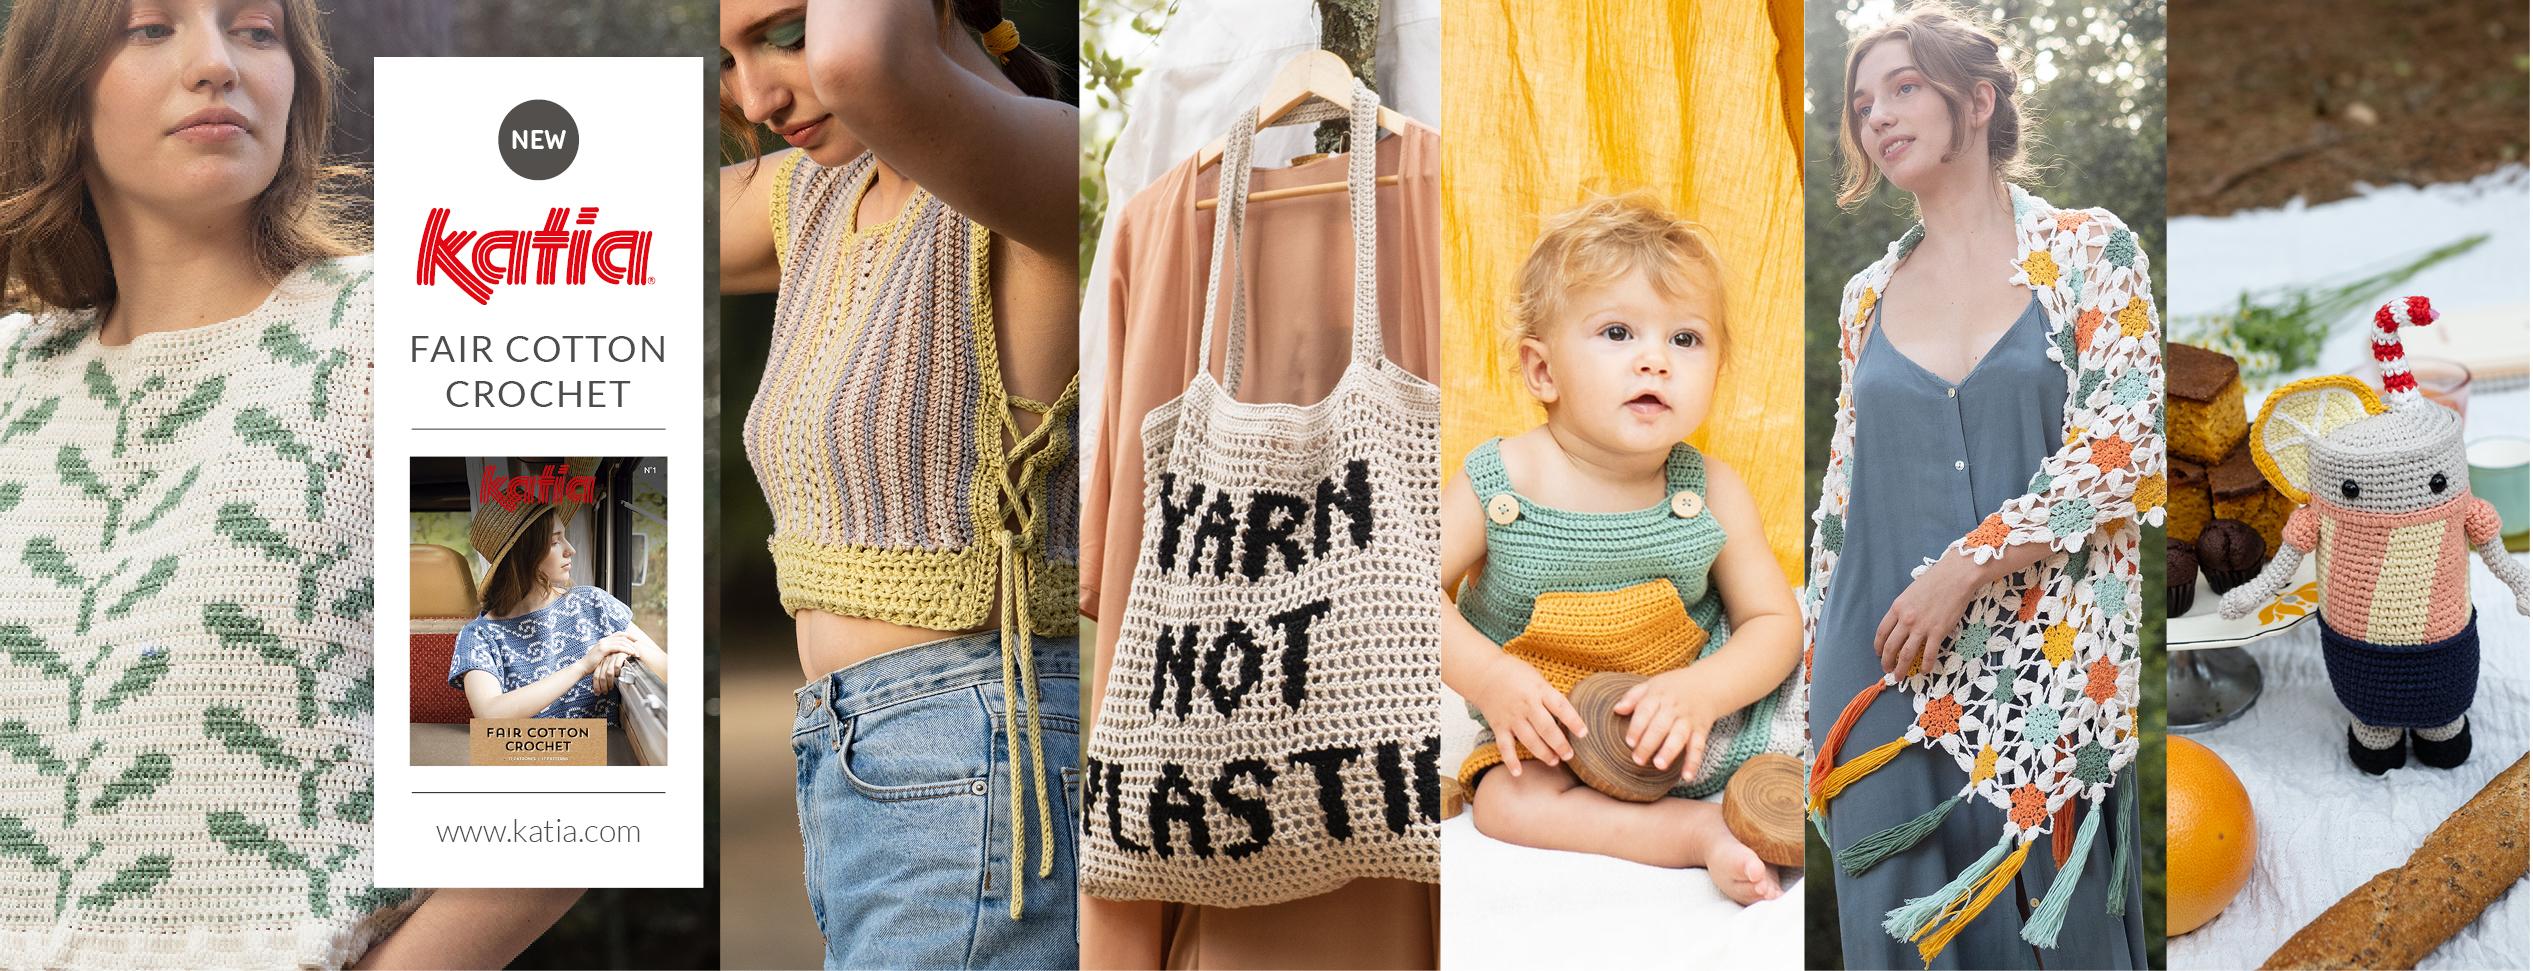 Magazin-Fair-Cotton-Crochet-Häkeln